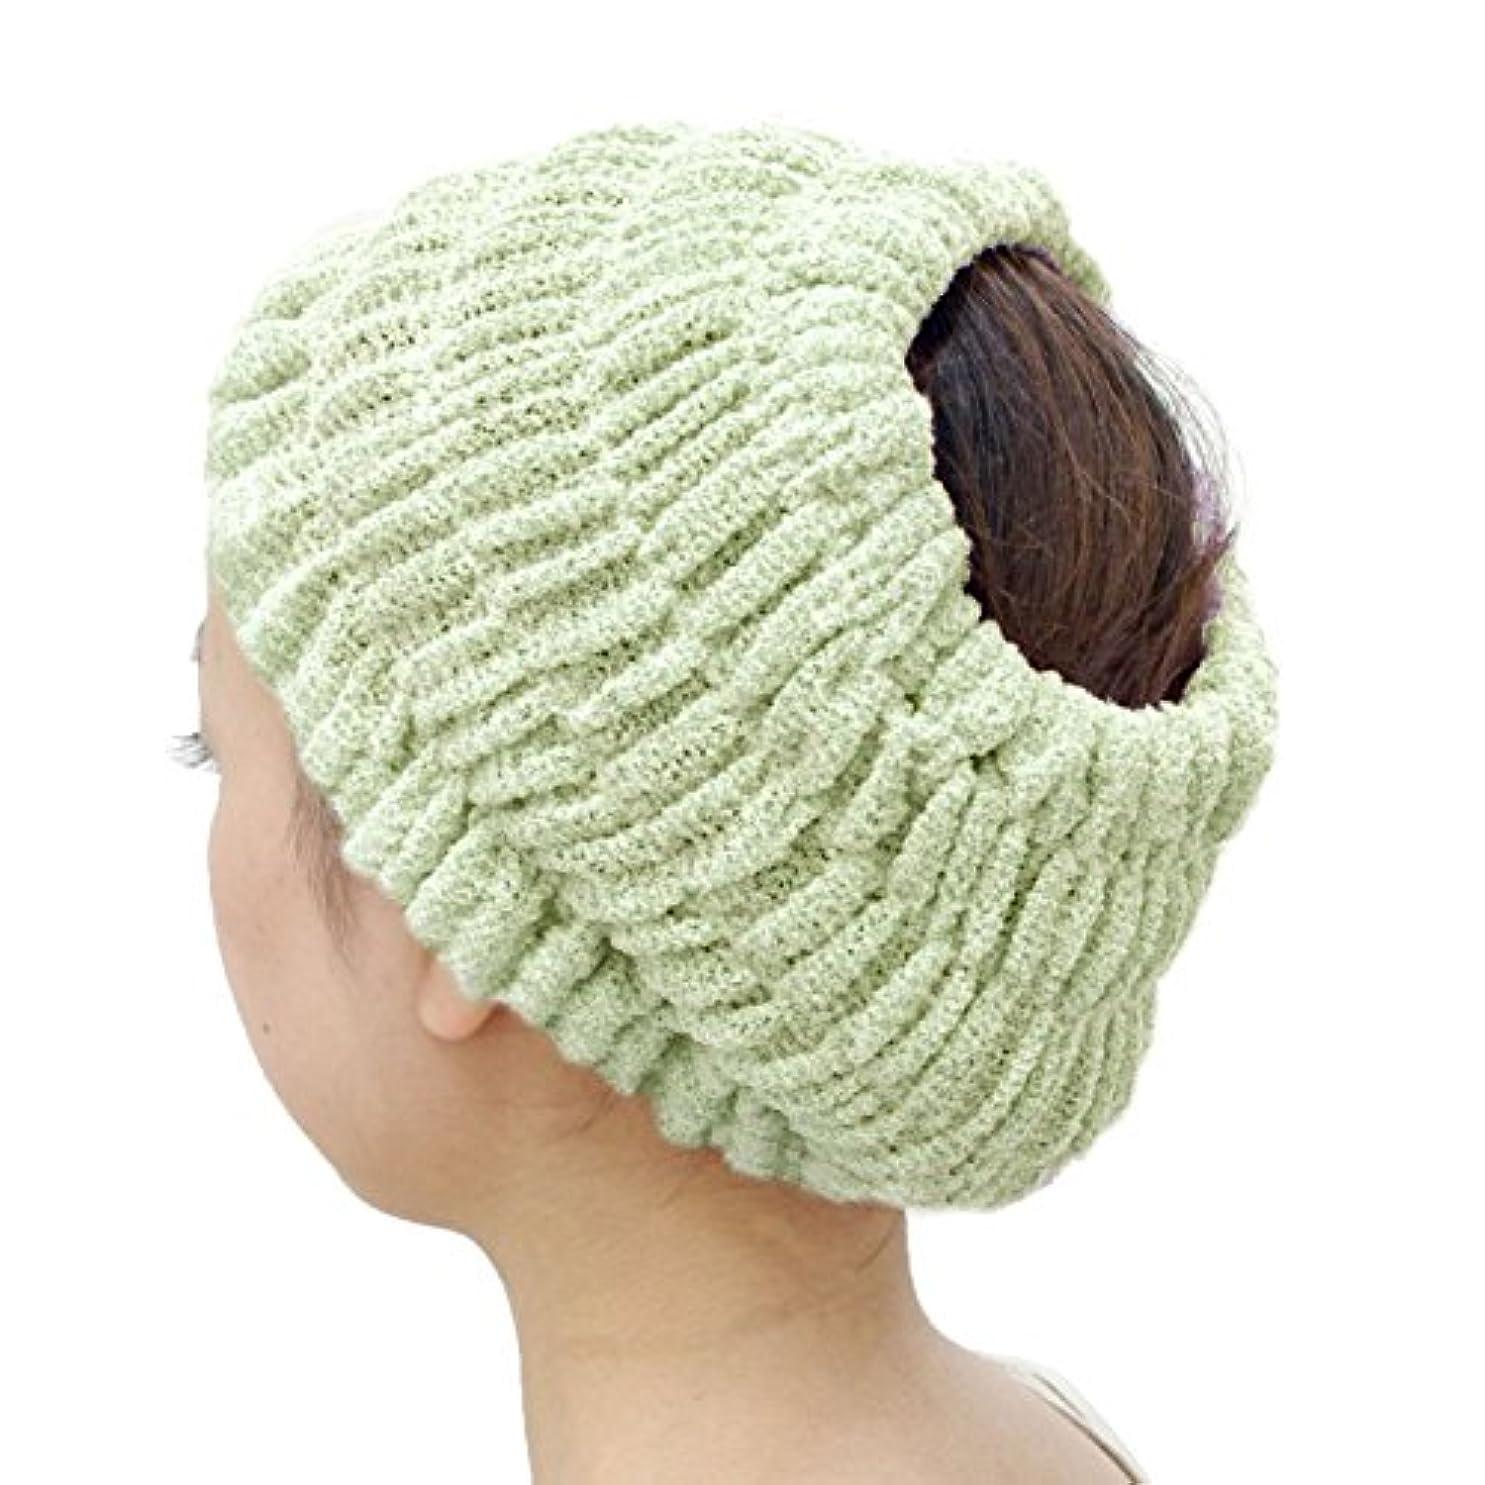 明示的に蒸し器歪めるオカ(OKA) プリスベイス エピ 乾きやすいバスヘアターバン グリーン フリーサイズ PLYS base epi(ターバン ヘアバンド 髪留め)